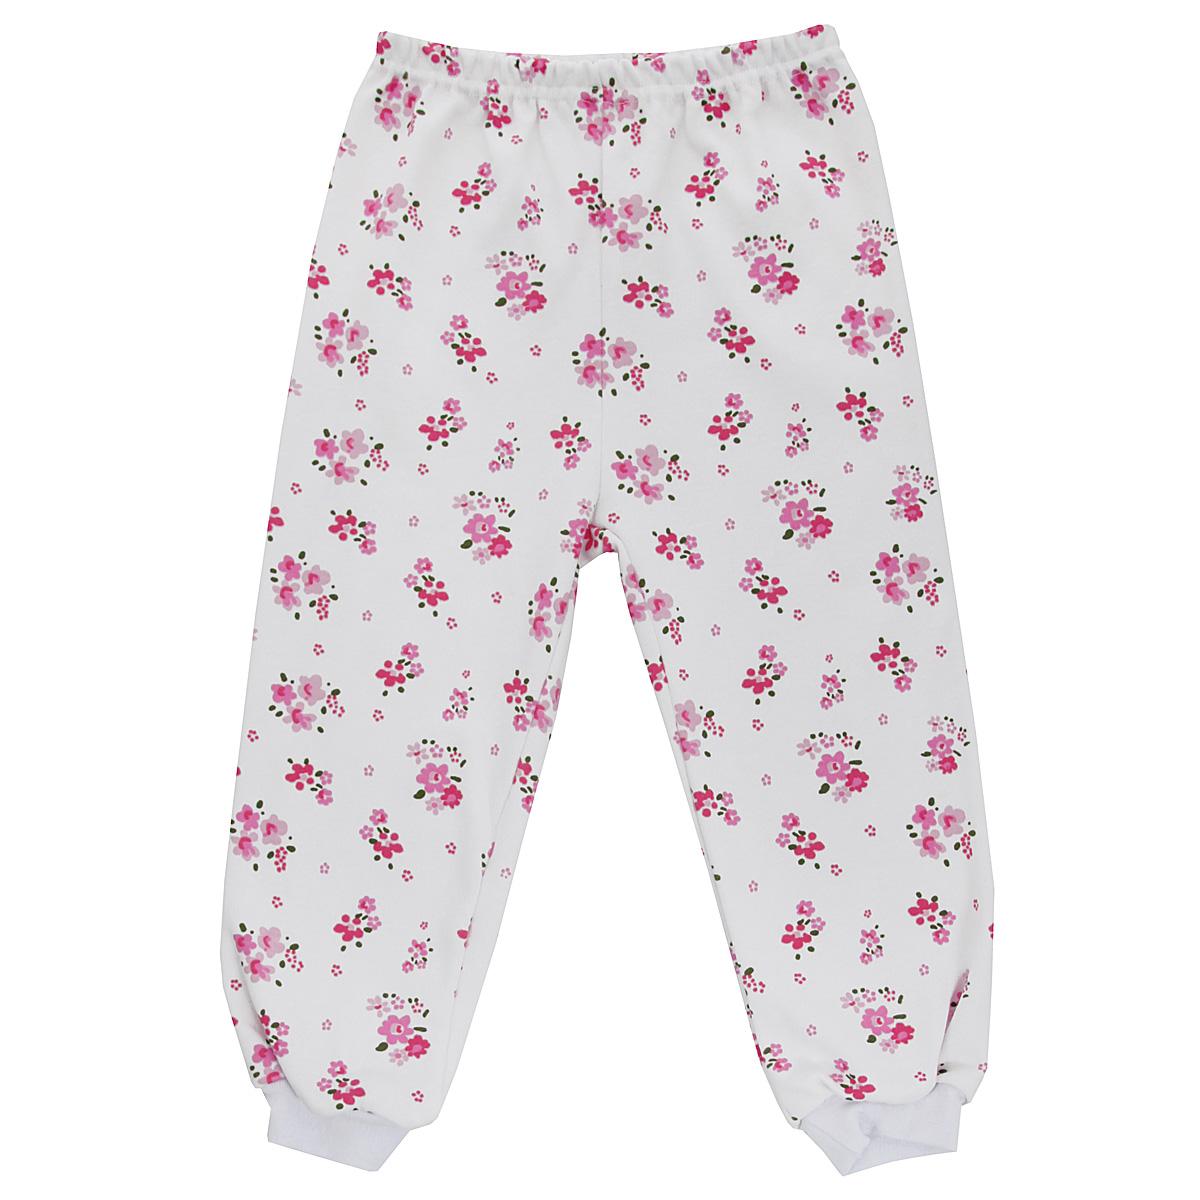 Штанишки для девочки Трон-плюс, цвет: белый, розовый. 5315_цветы. Размер 68, 6 месяцев5315_цветыУдобные штанишки для девочки Трон-плюс идеально подойдут вашей малышке и станут отличным дополнением к детскому гардеробу. Изготовленные из натурального хлопка - интерлока, они необычайно мягкие и легкие, не сковывают движения, позволяют коже дышать и не раздражают даже самую нежную и чувствительную кожу ребенка. Штанишки на талии имеют эластичную резинку, благодаря чему они не сдавливают животик ребенка и не сползают. Низ штанишек дополнен широкими эластичными манжетами. Оформлена модель ненавязчивым цветочным принтом. В таких штанишках ваша дочурка будет чувствовать себя комфортно и уютно.